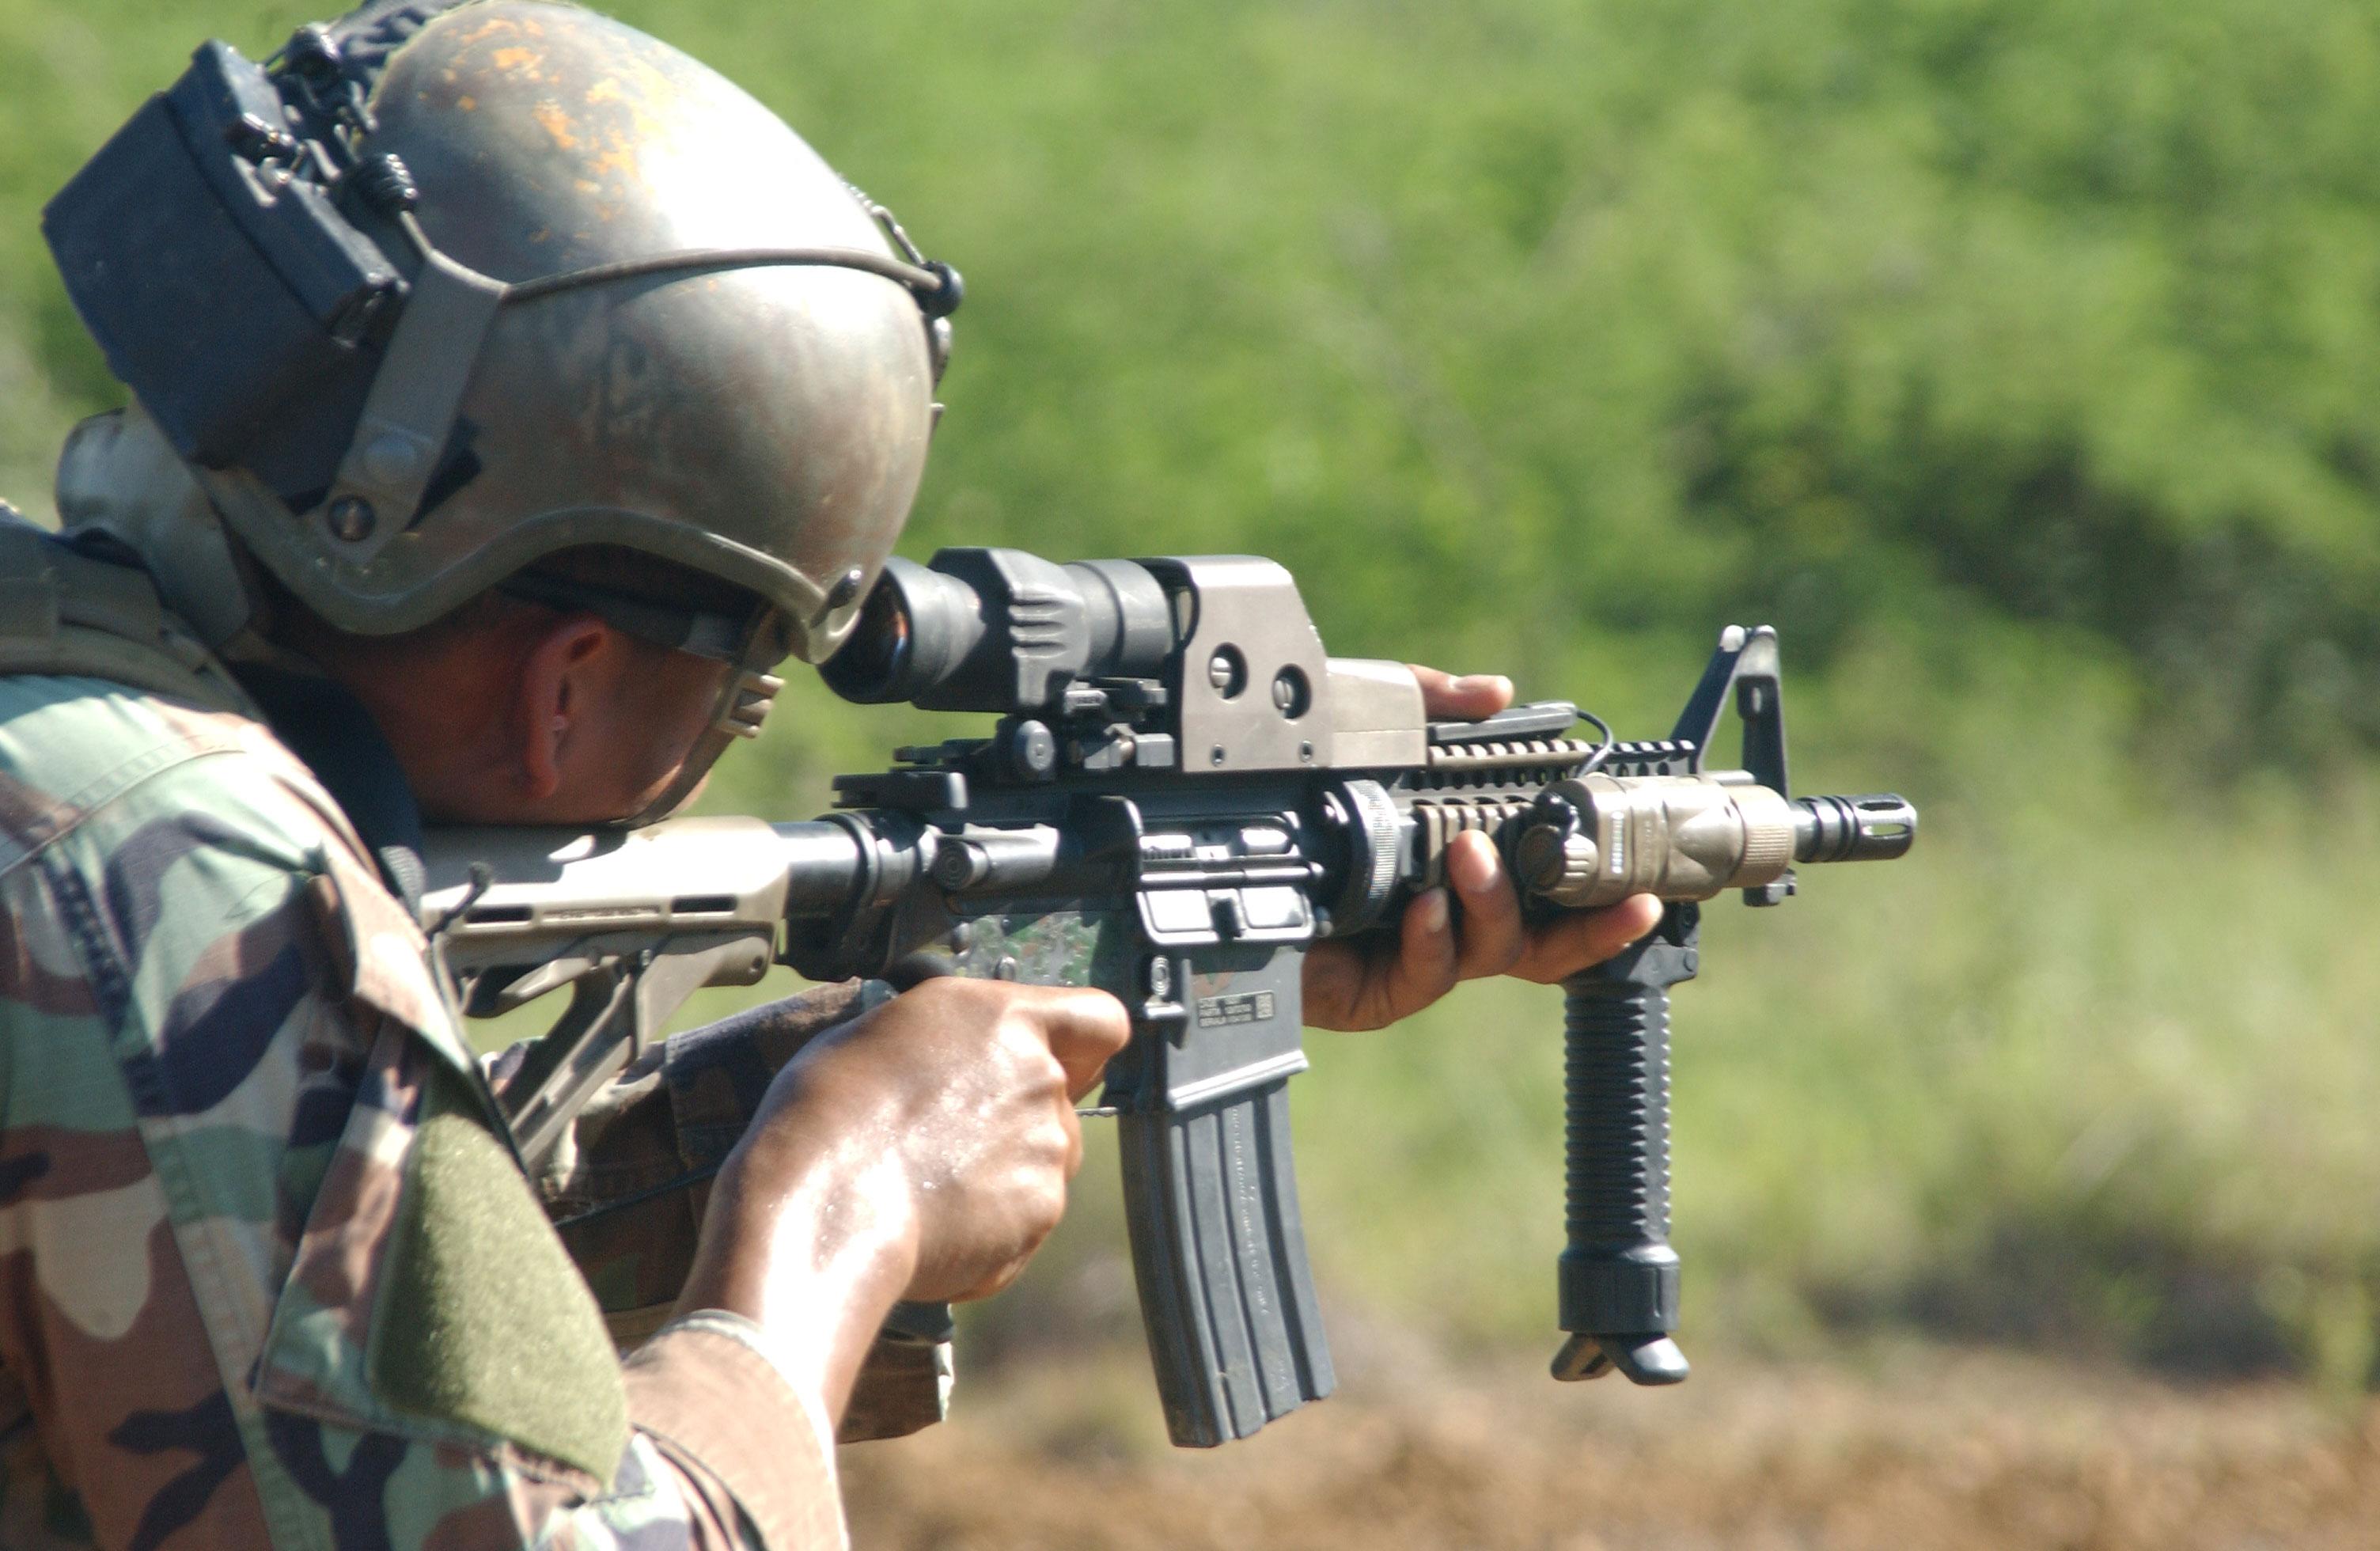 Recopilación FOTOS GREEN BERETS + referencia Army Special Forces Weapons